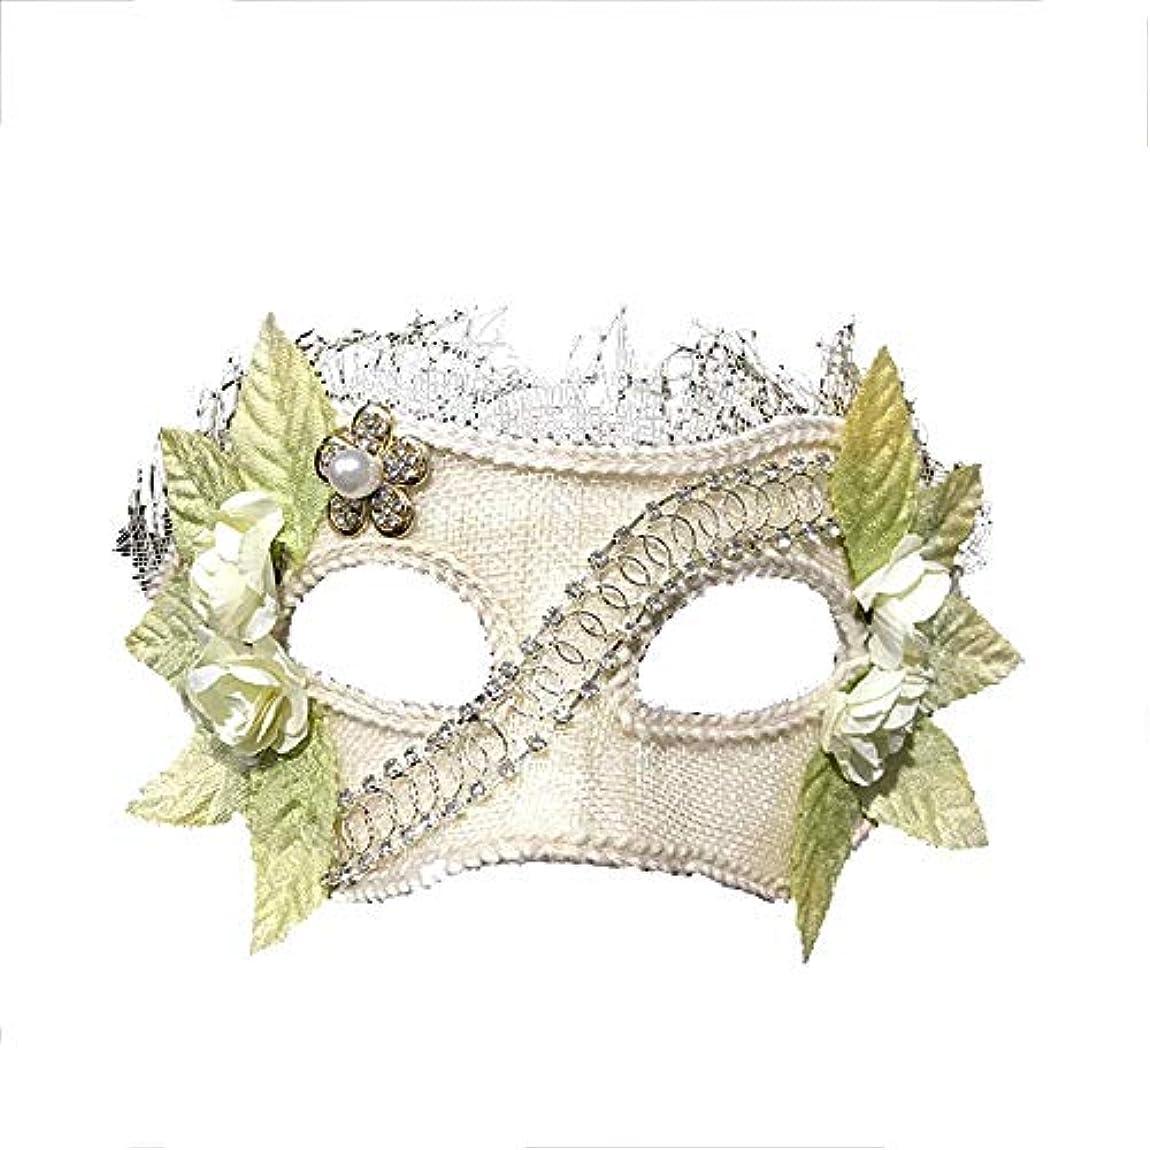 才能のある主張スクラブNanle ハロウィンクリスマスフラワーフェザービーズマスク仮装マスクレディミスプリンセス美容祭パーティーデコレーションマスク (色 : Style A)